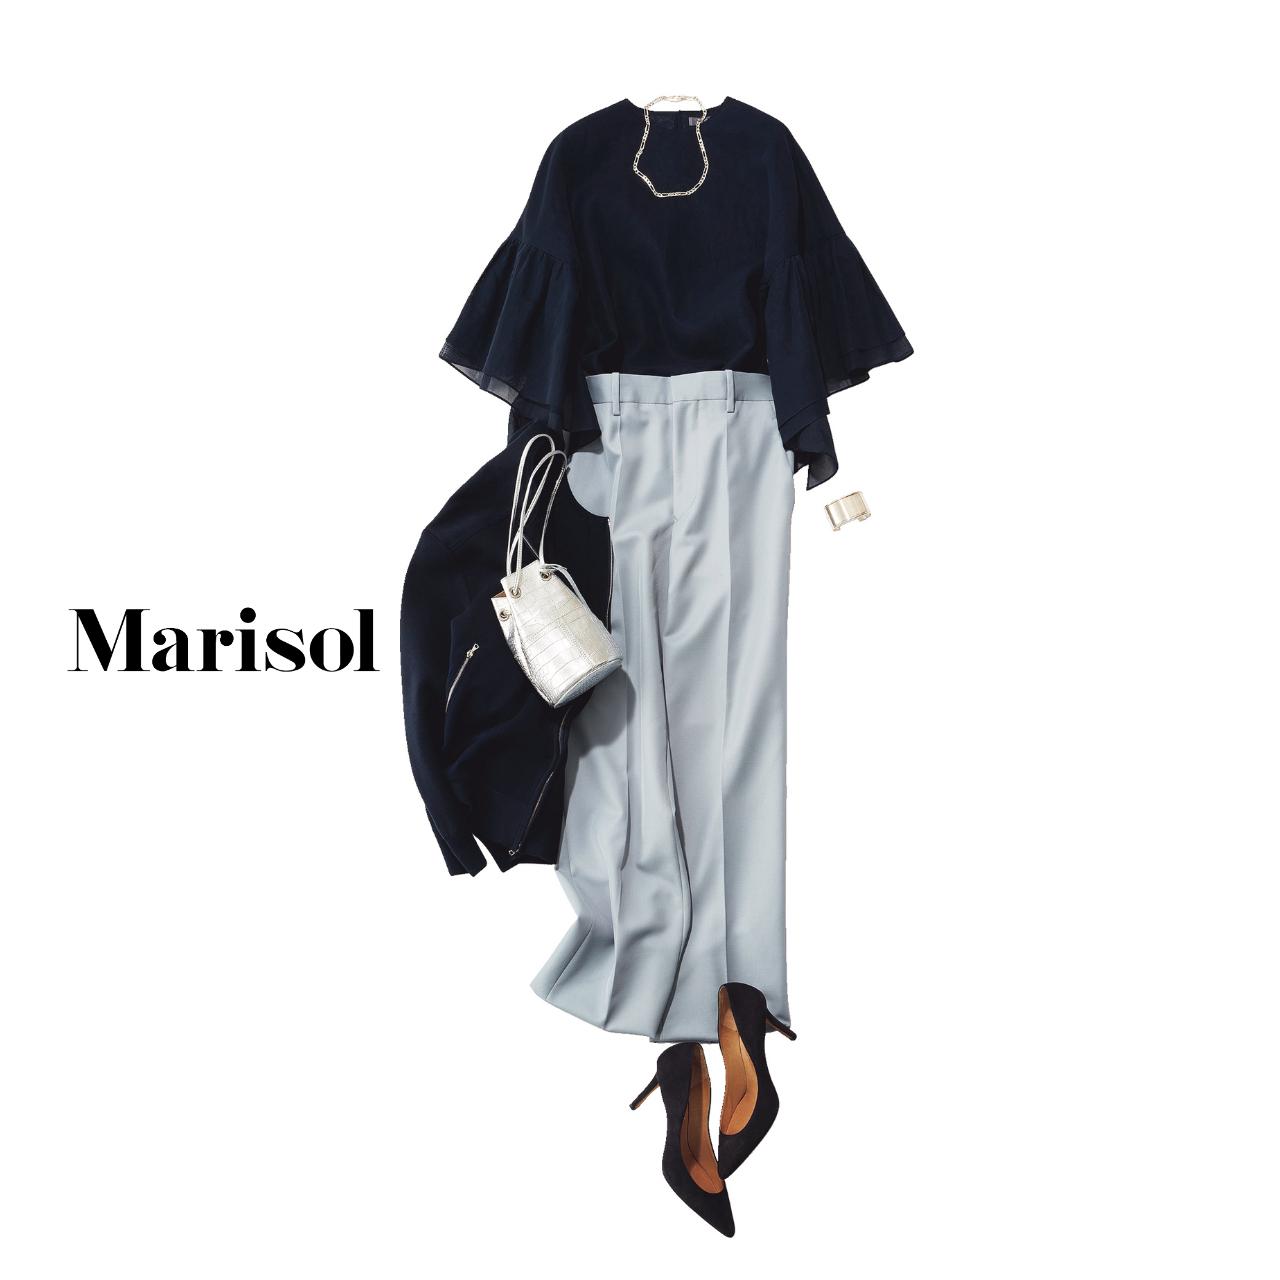 40代ファッション ボリューム袖ブラウス×パンツ×ブルゾン コーデ